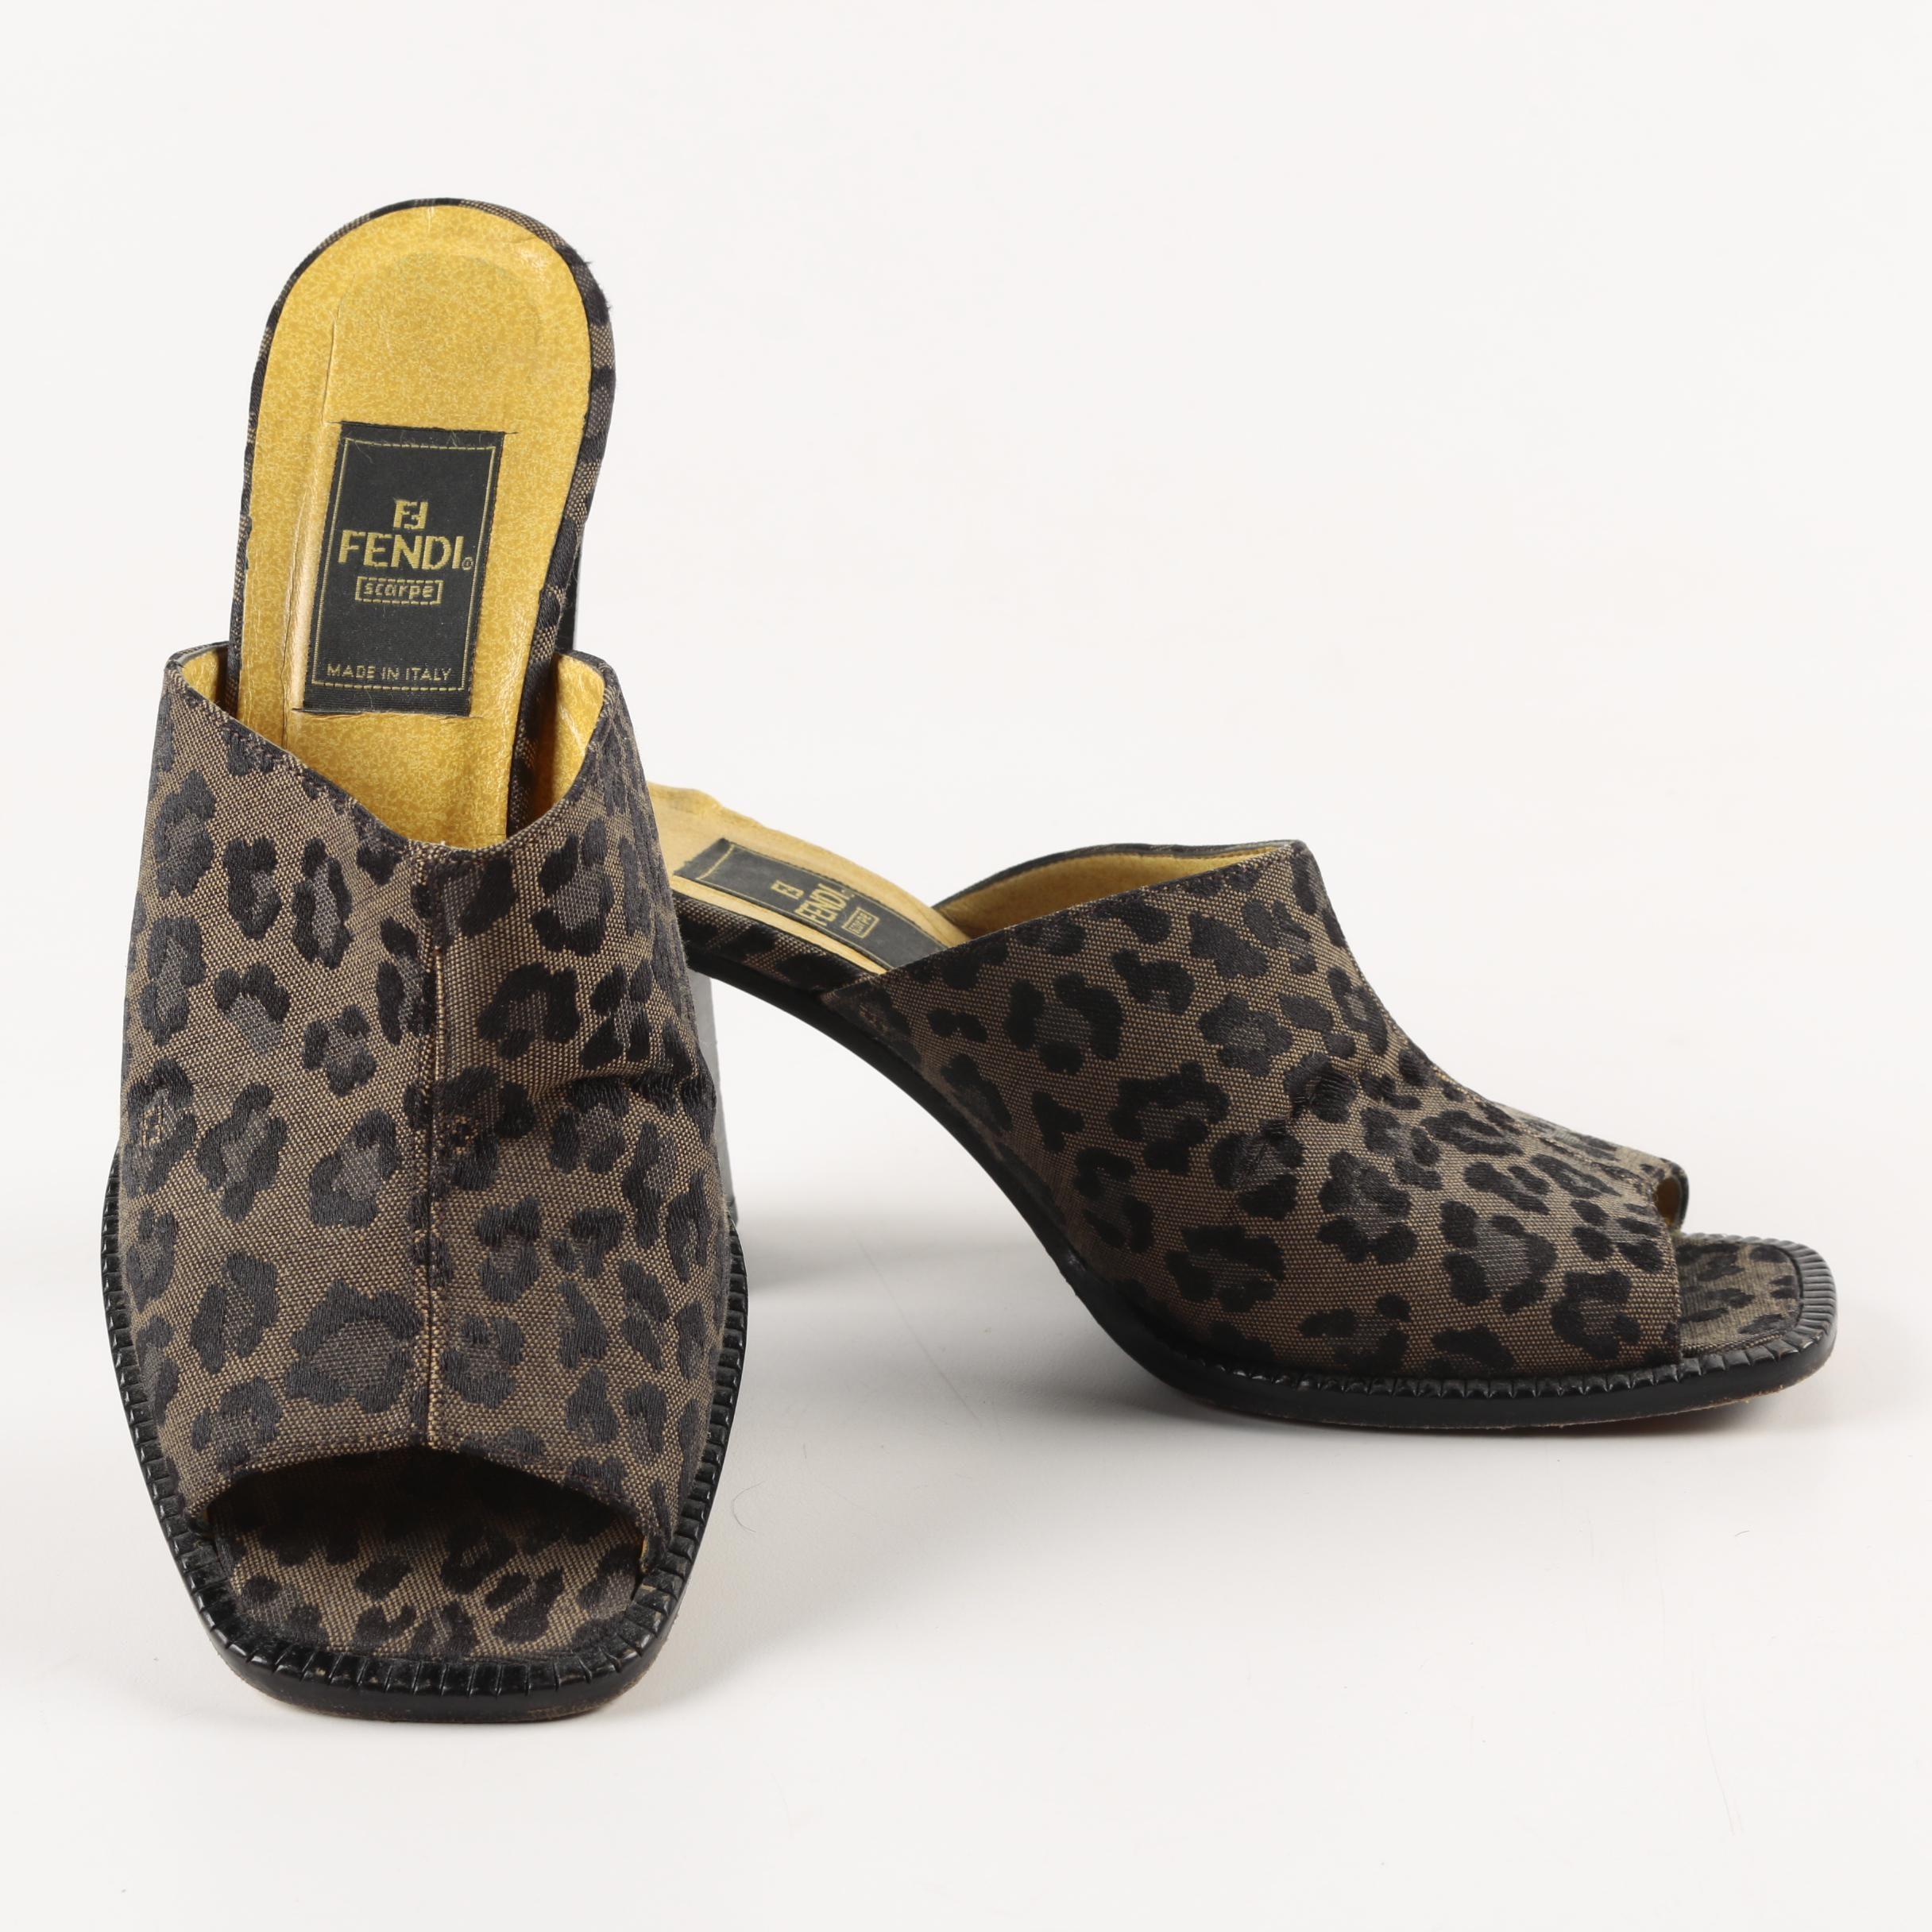 Women's Fendi Mule Sandals